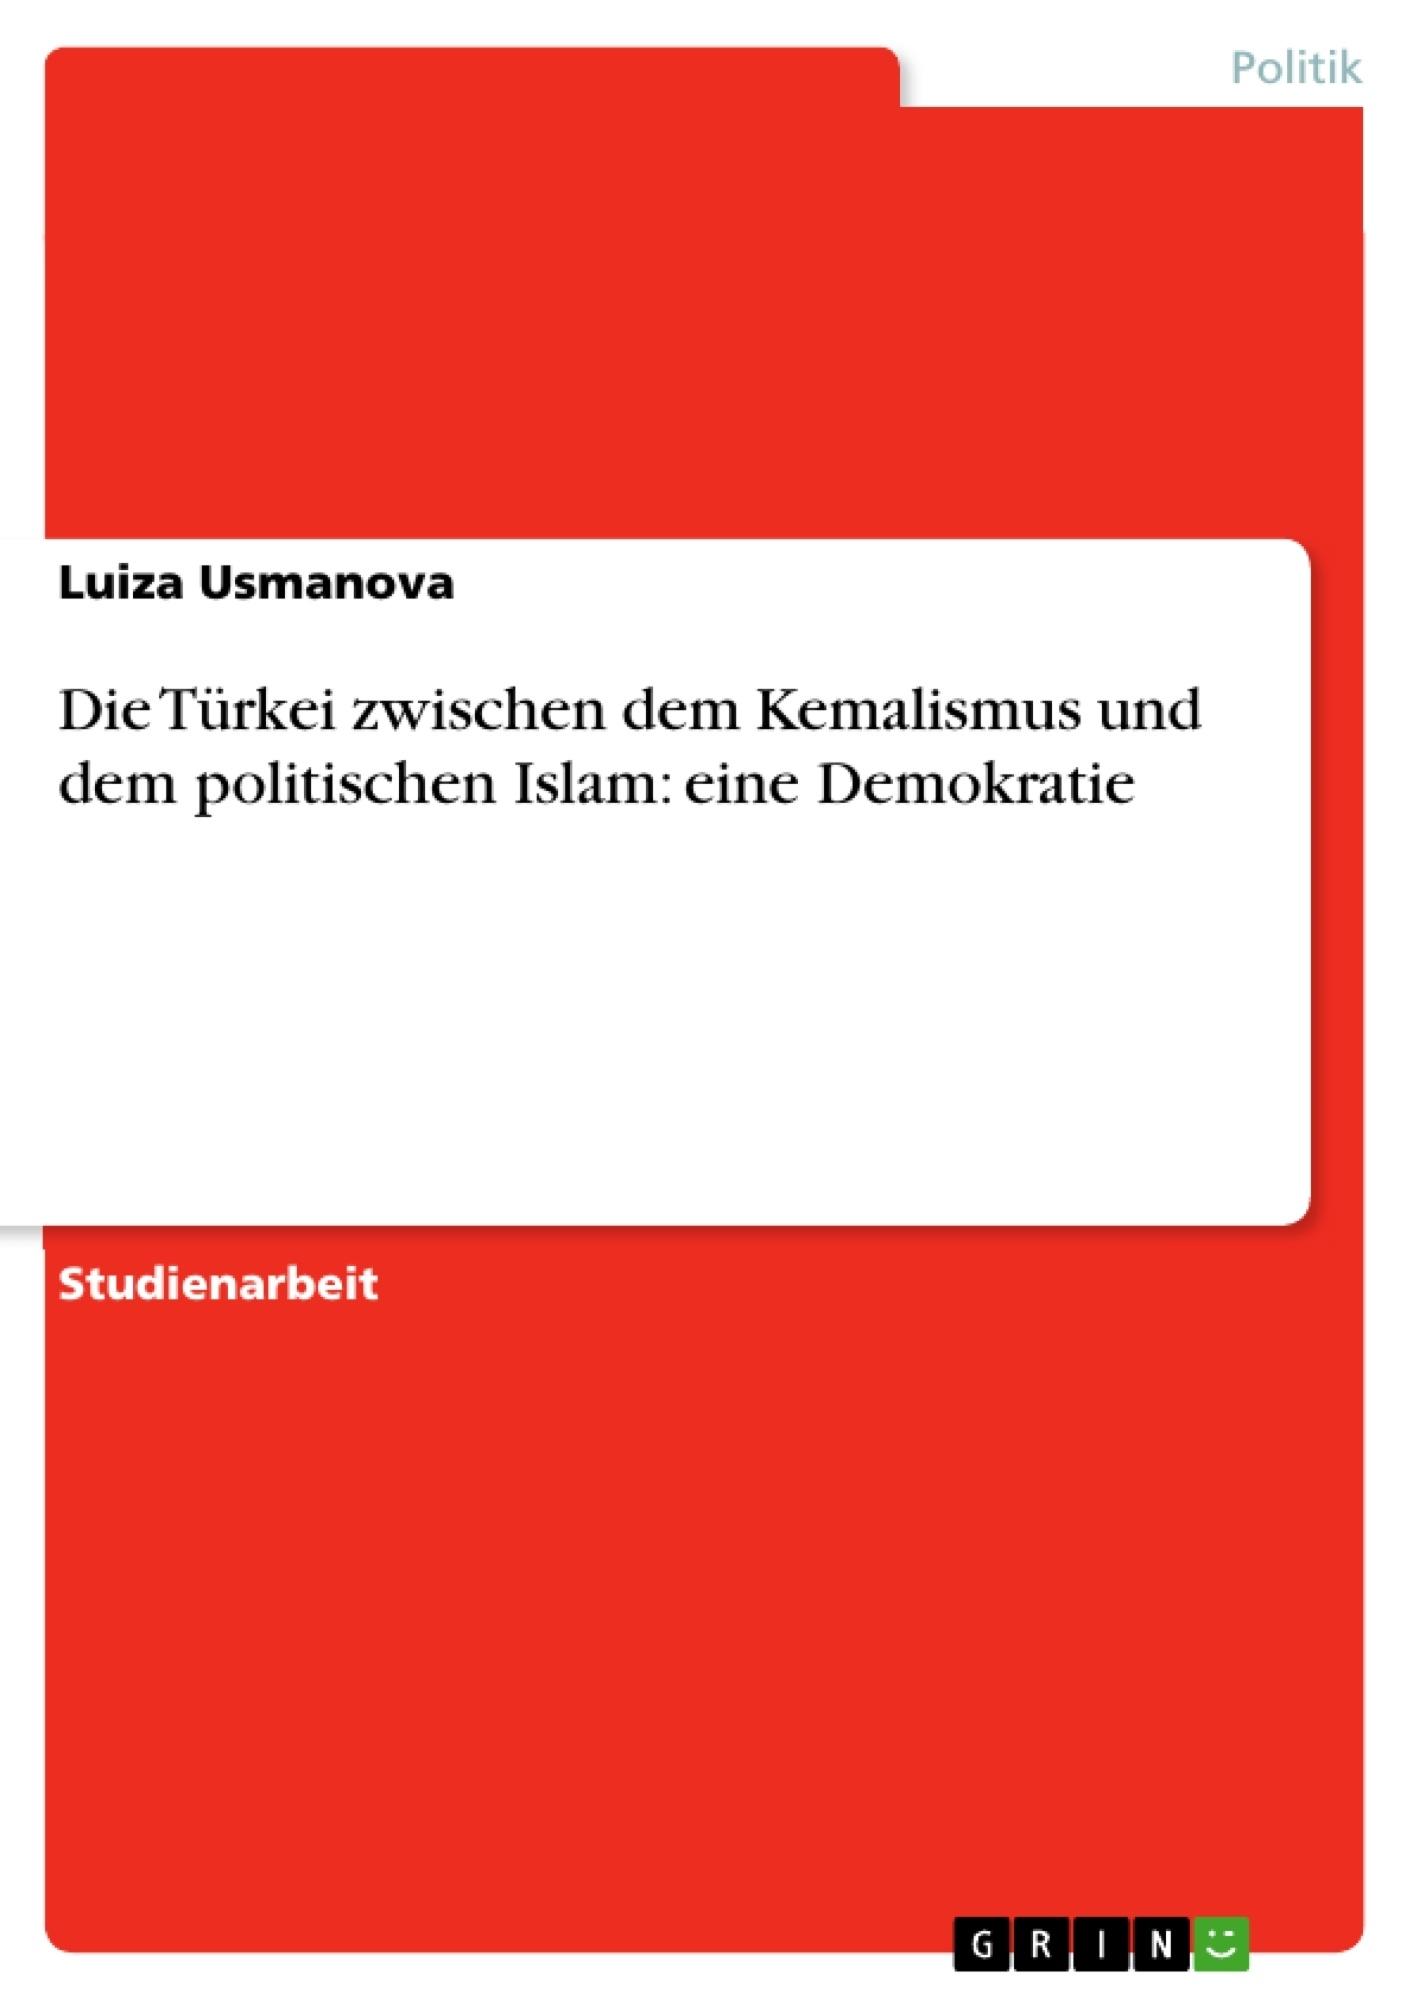 Titel: Die Türkei zwischen dem Kemalismus und dem politischen Islam: eine Demokratie